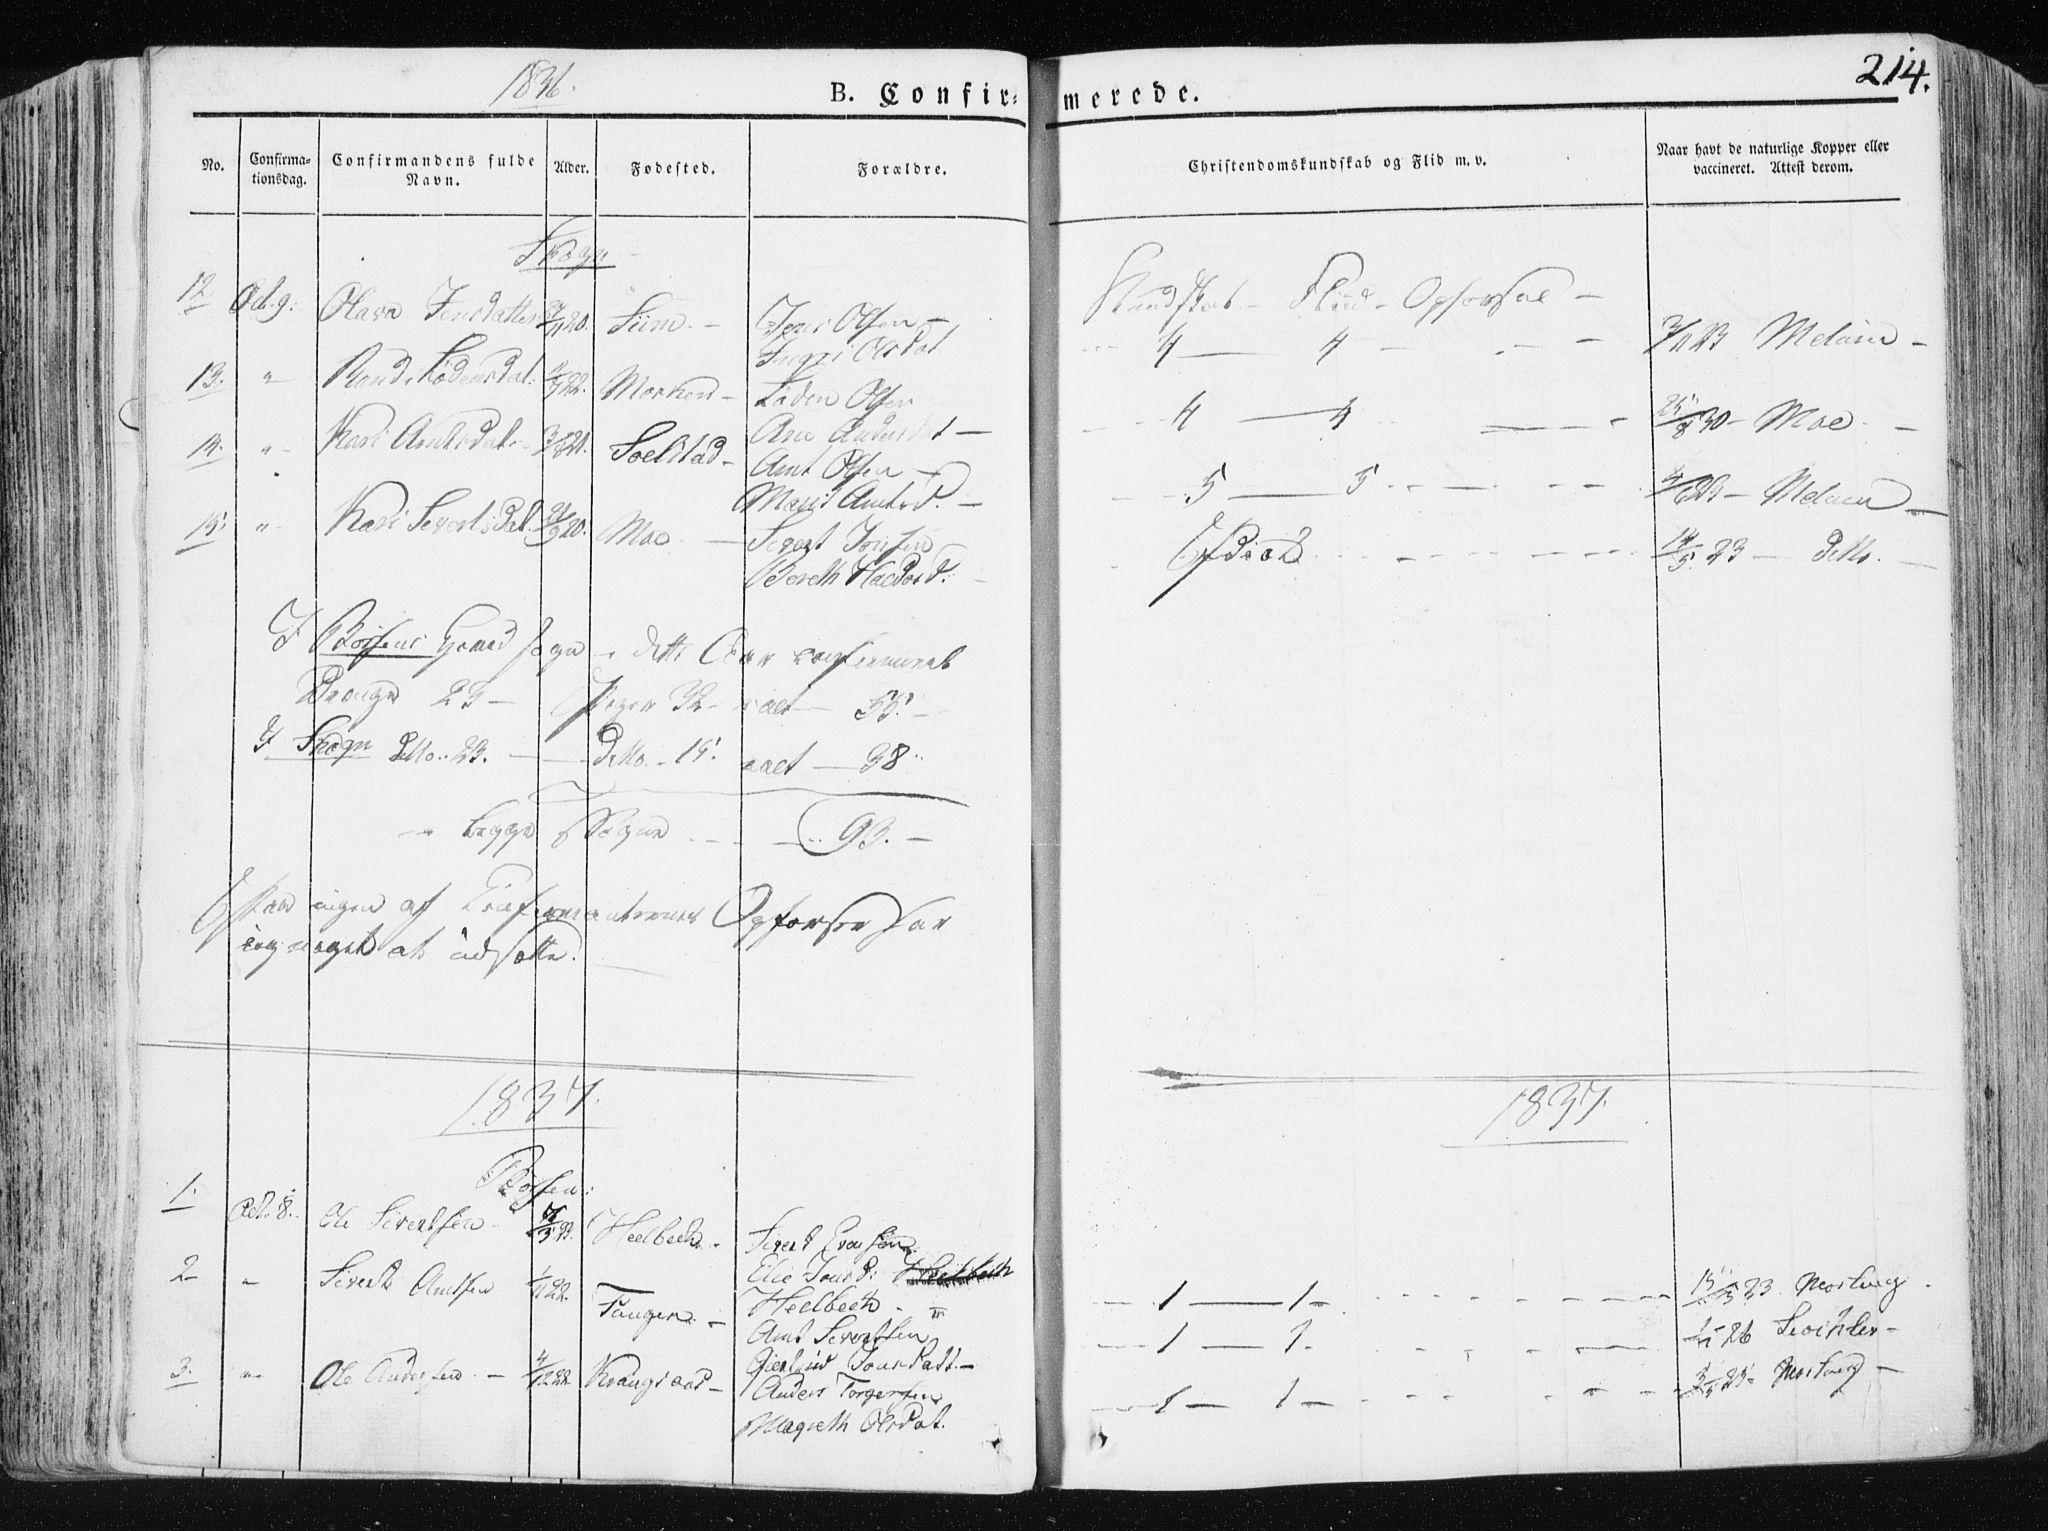 SAT, Ministerialprotokoller, klokkerbøker og fødselsregistre - Sør-Trøndelag, 665/L0771: Ministerialbok nr. 665A06, 1830-1856, s. 214